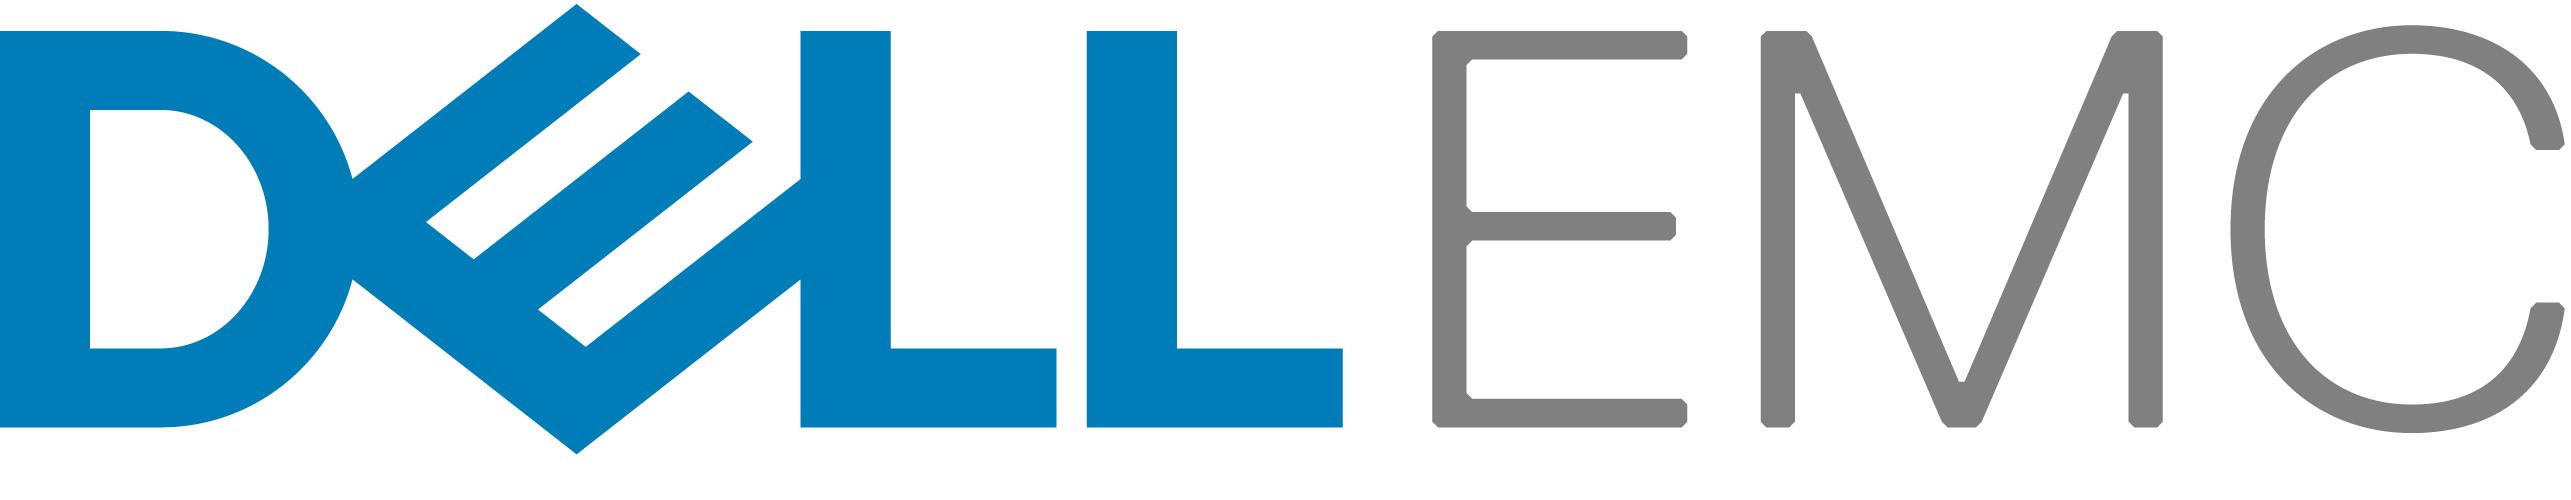 Dell Emc Aktie